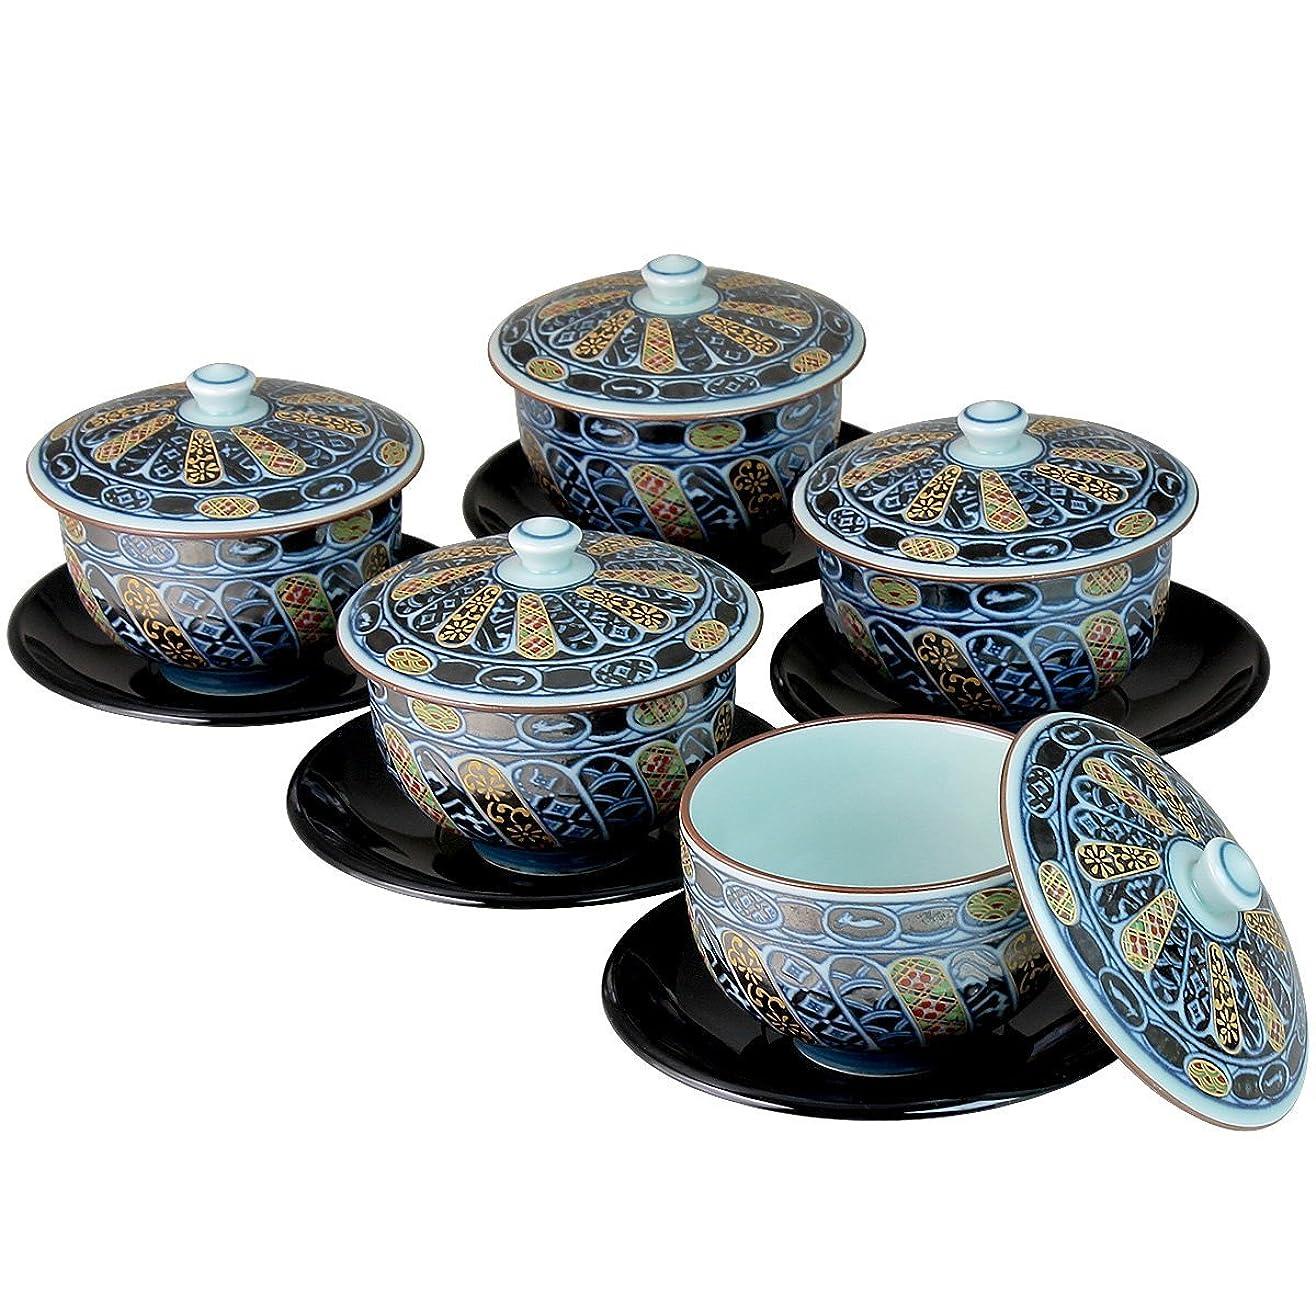 定義許容オデュッセウス錦まき絵 茶托付蓋付茶器 12-06